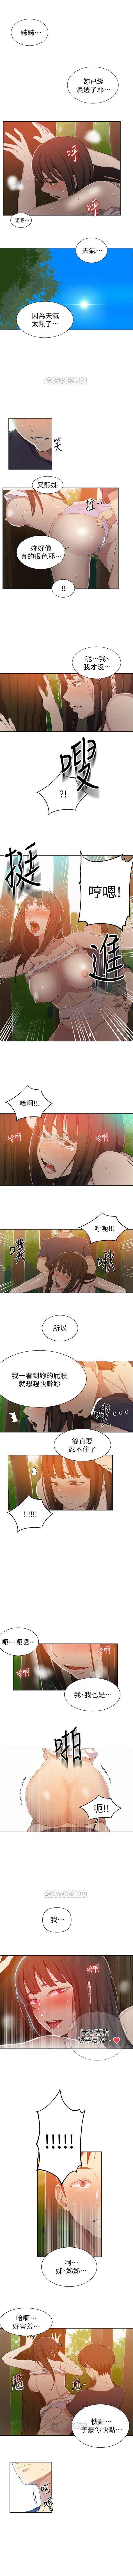 秘密教學  1-55 官方中文(連載中) 248